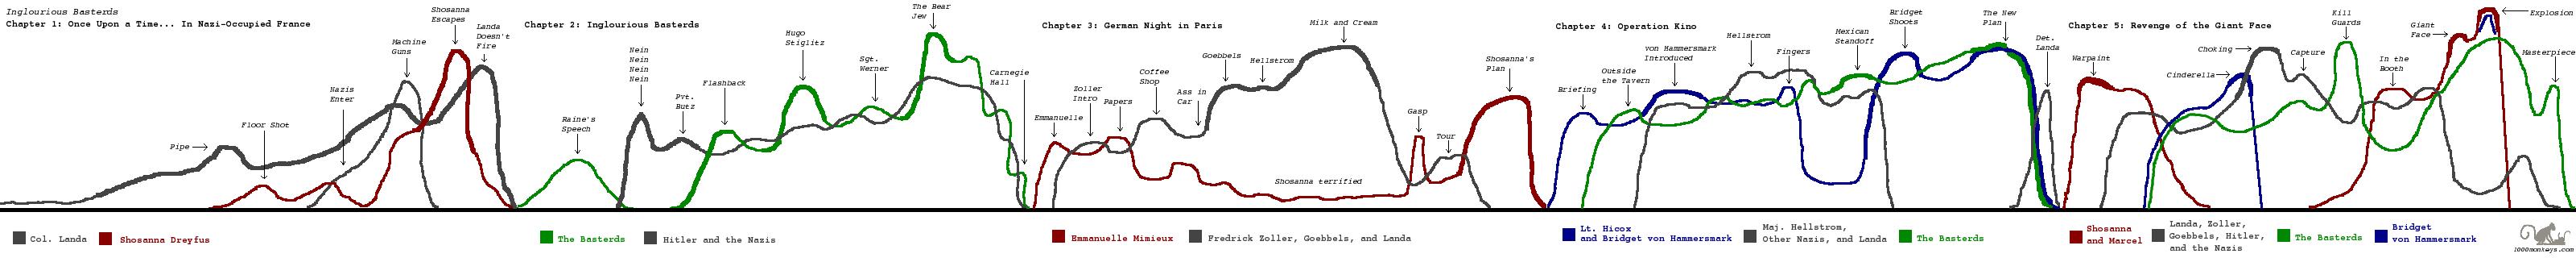 Full visual timeline